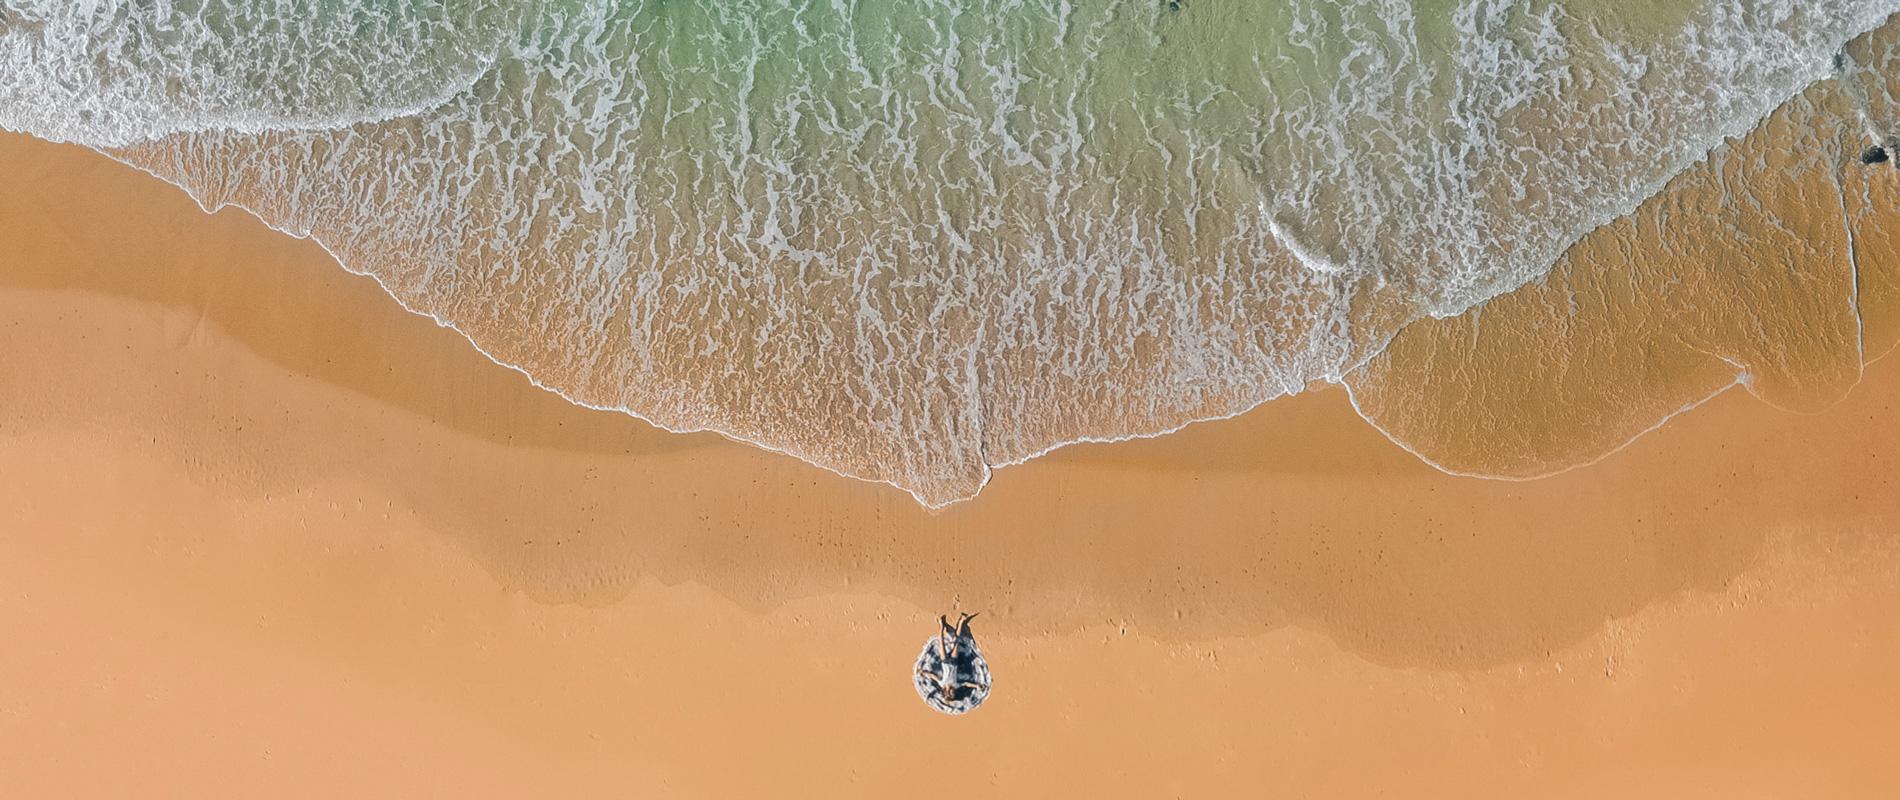 Bild eines Menschen am Meer